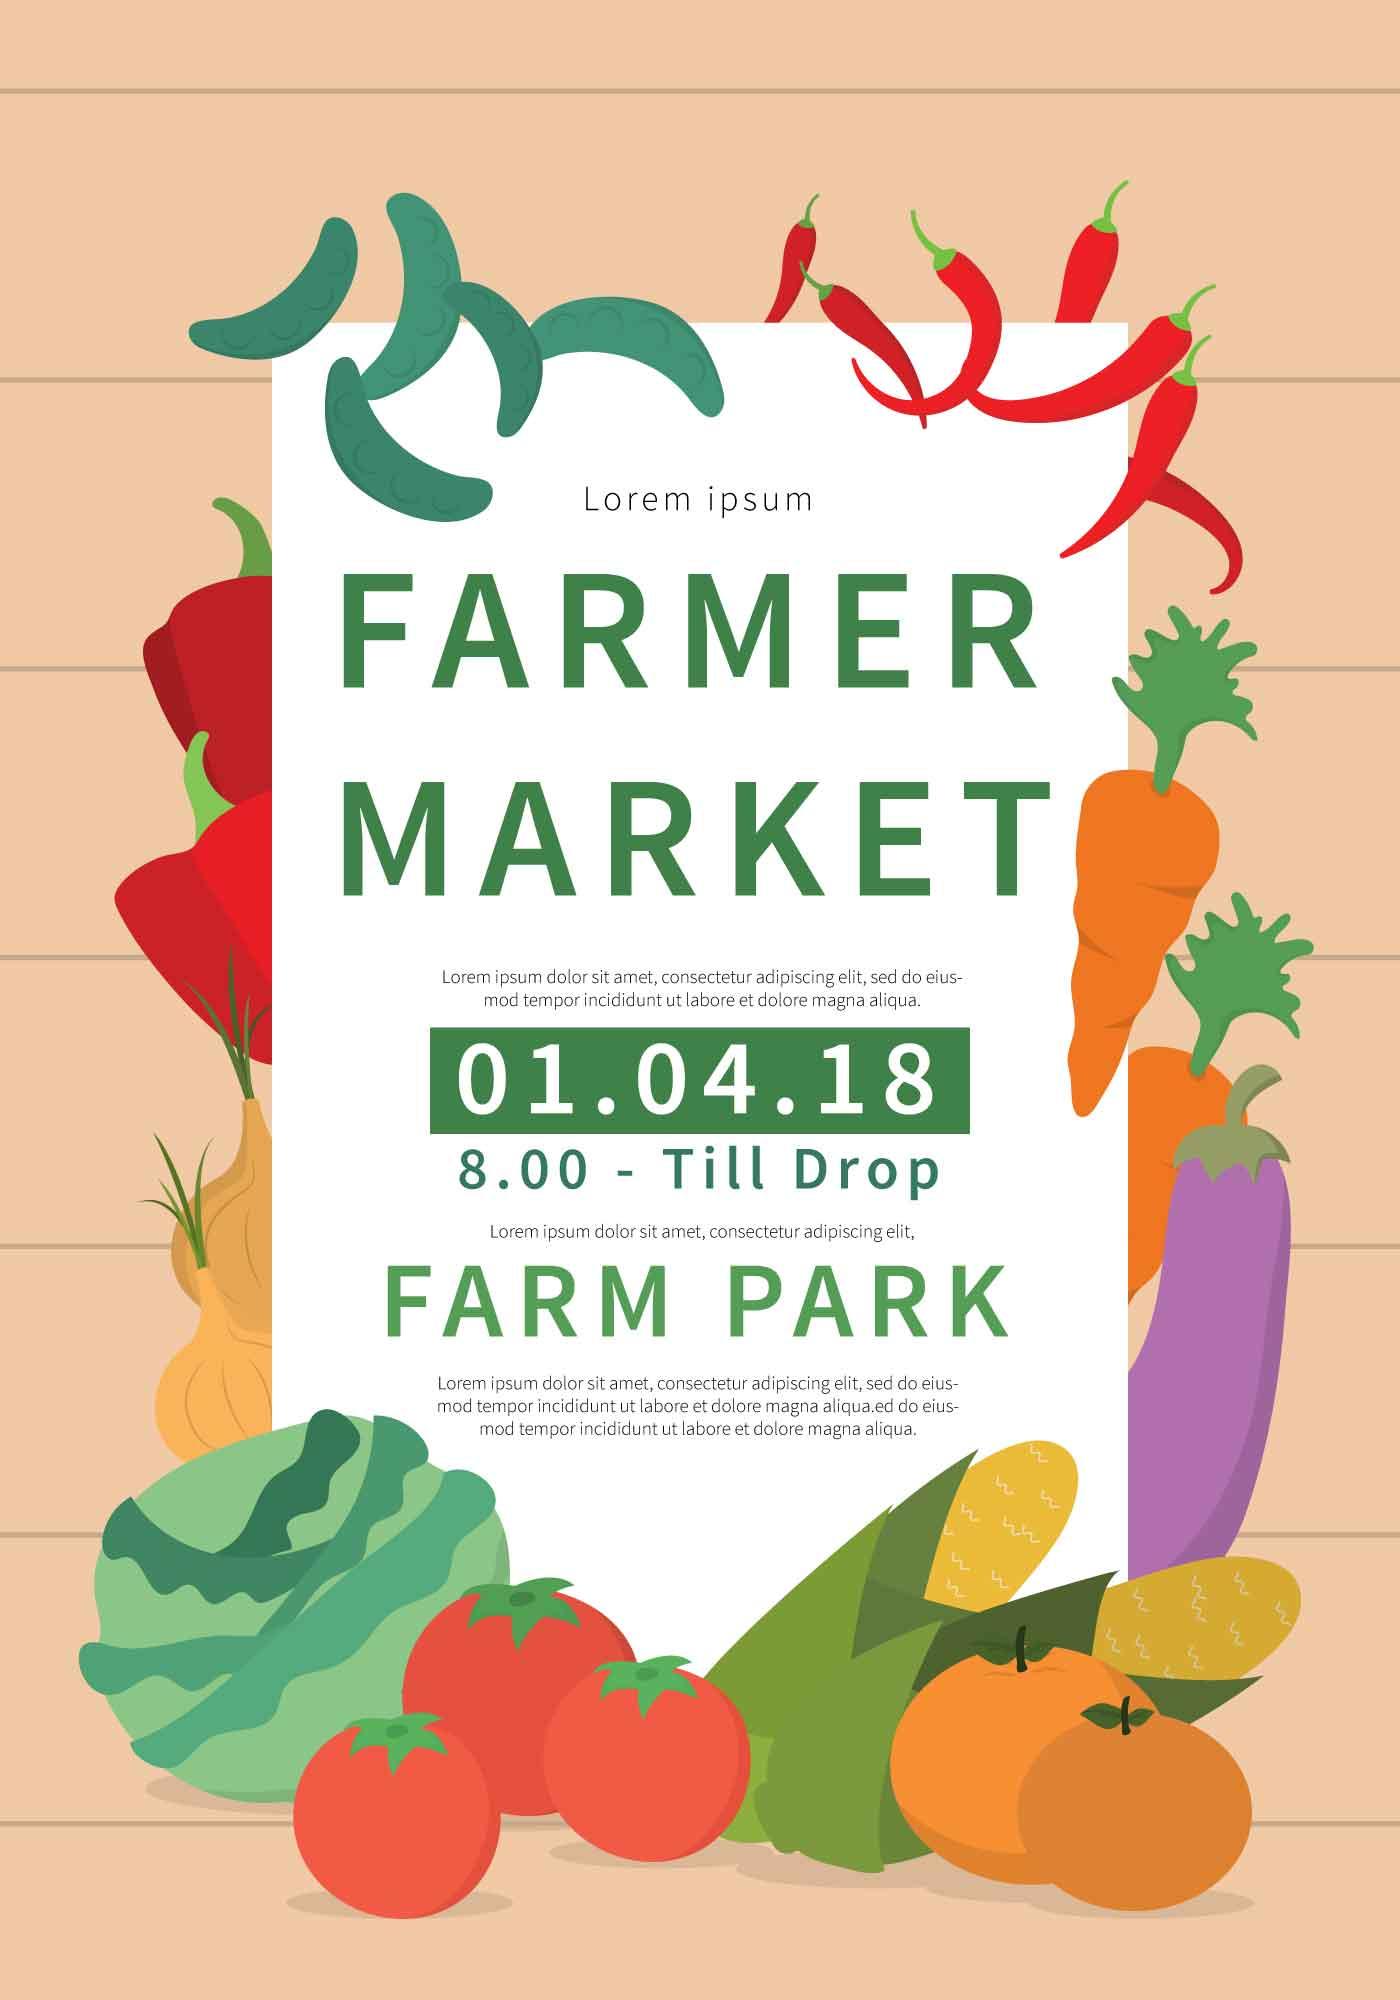 Farmers Market Flyer Free Vector Art - (79 Free Downloads)